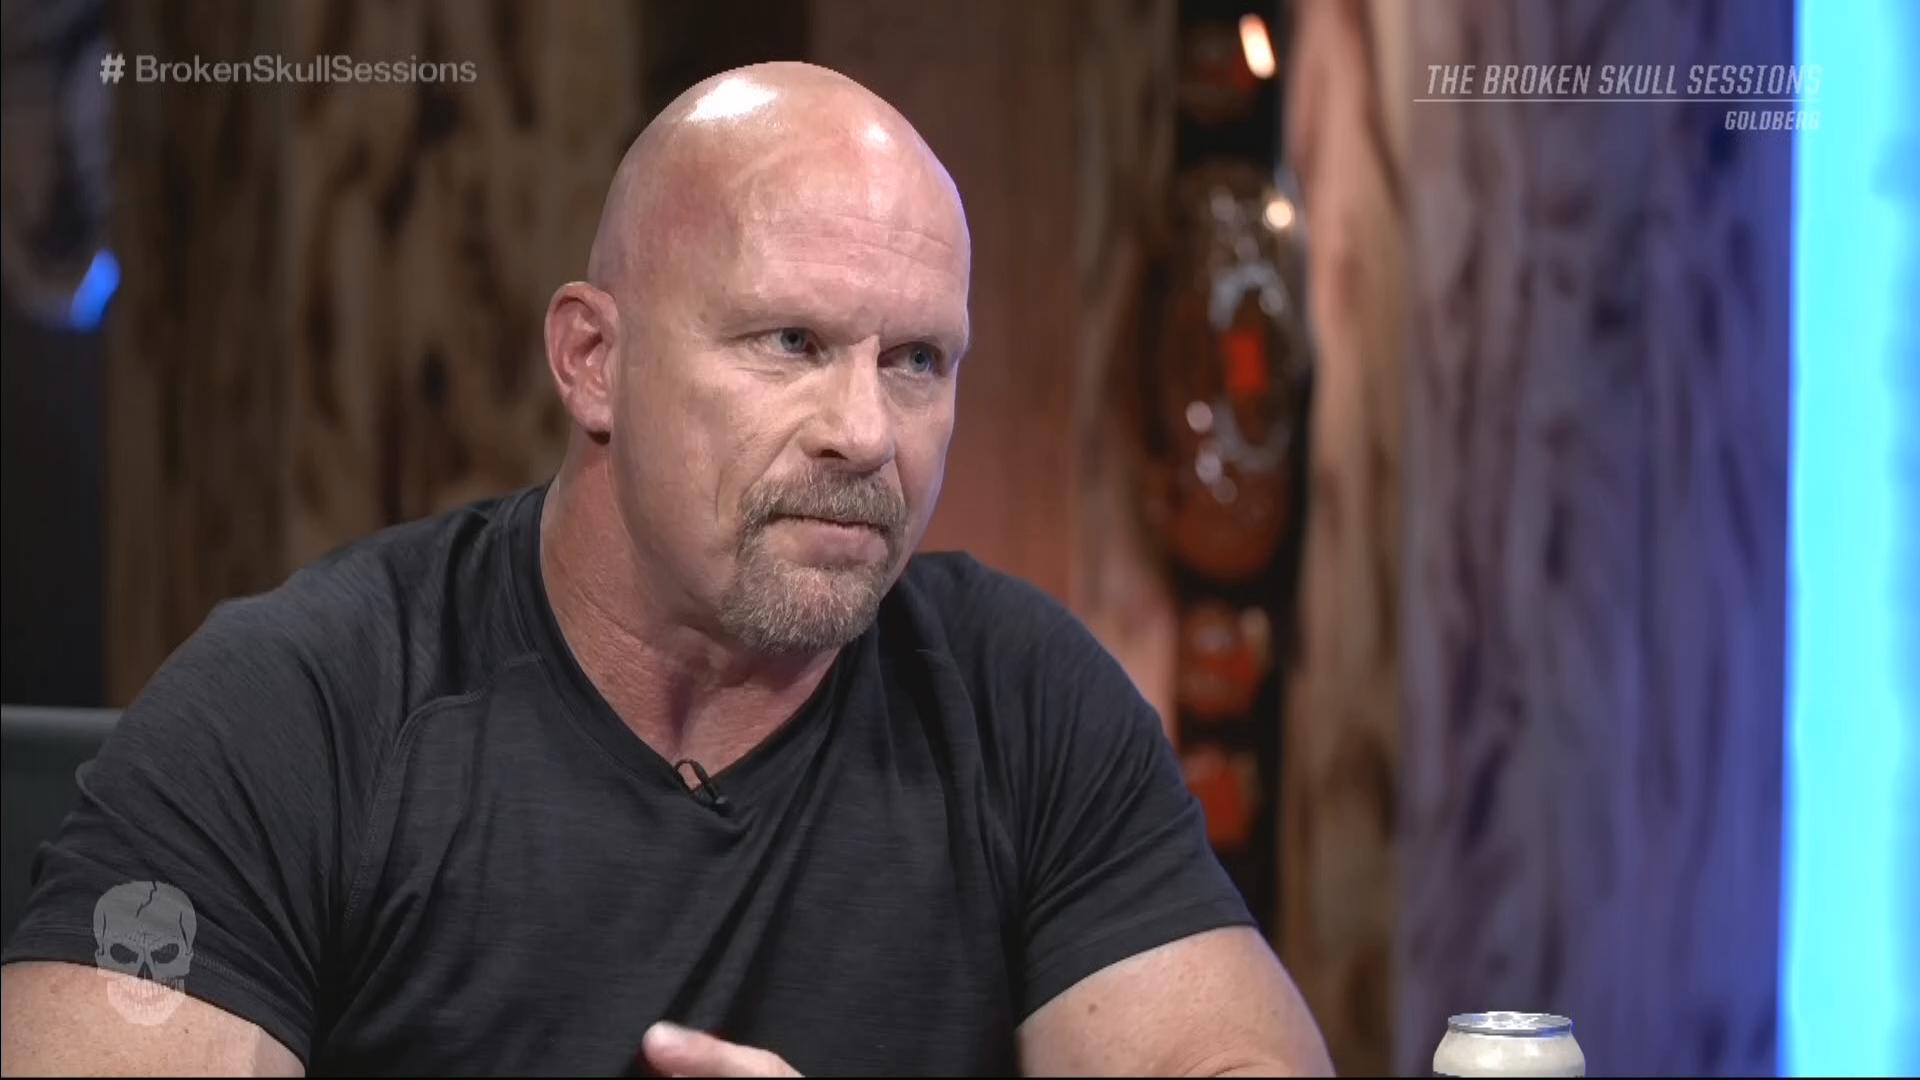 WWE Steve Austins Broken Skull Sessions S01E02 Goldberg 1080i WEB -WH [10.5 GB]